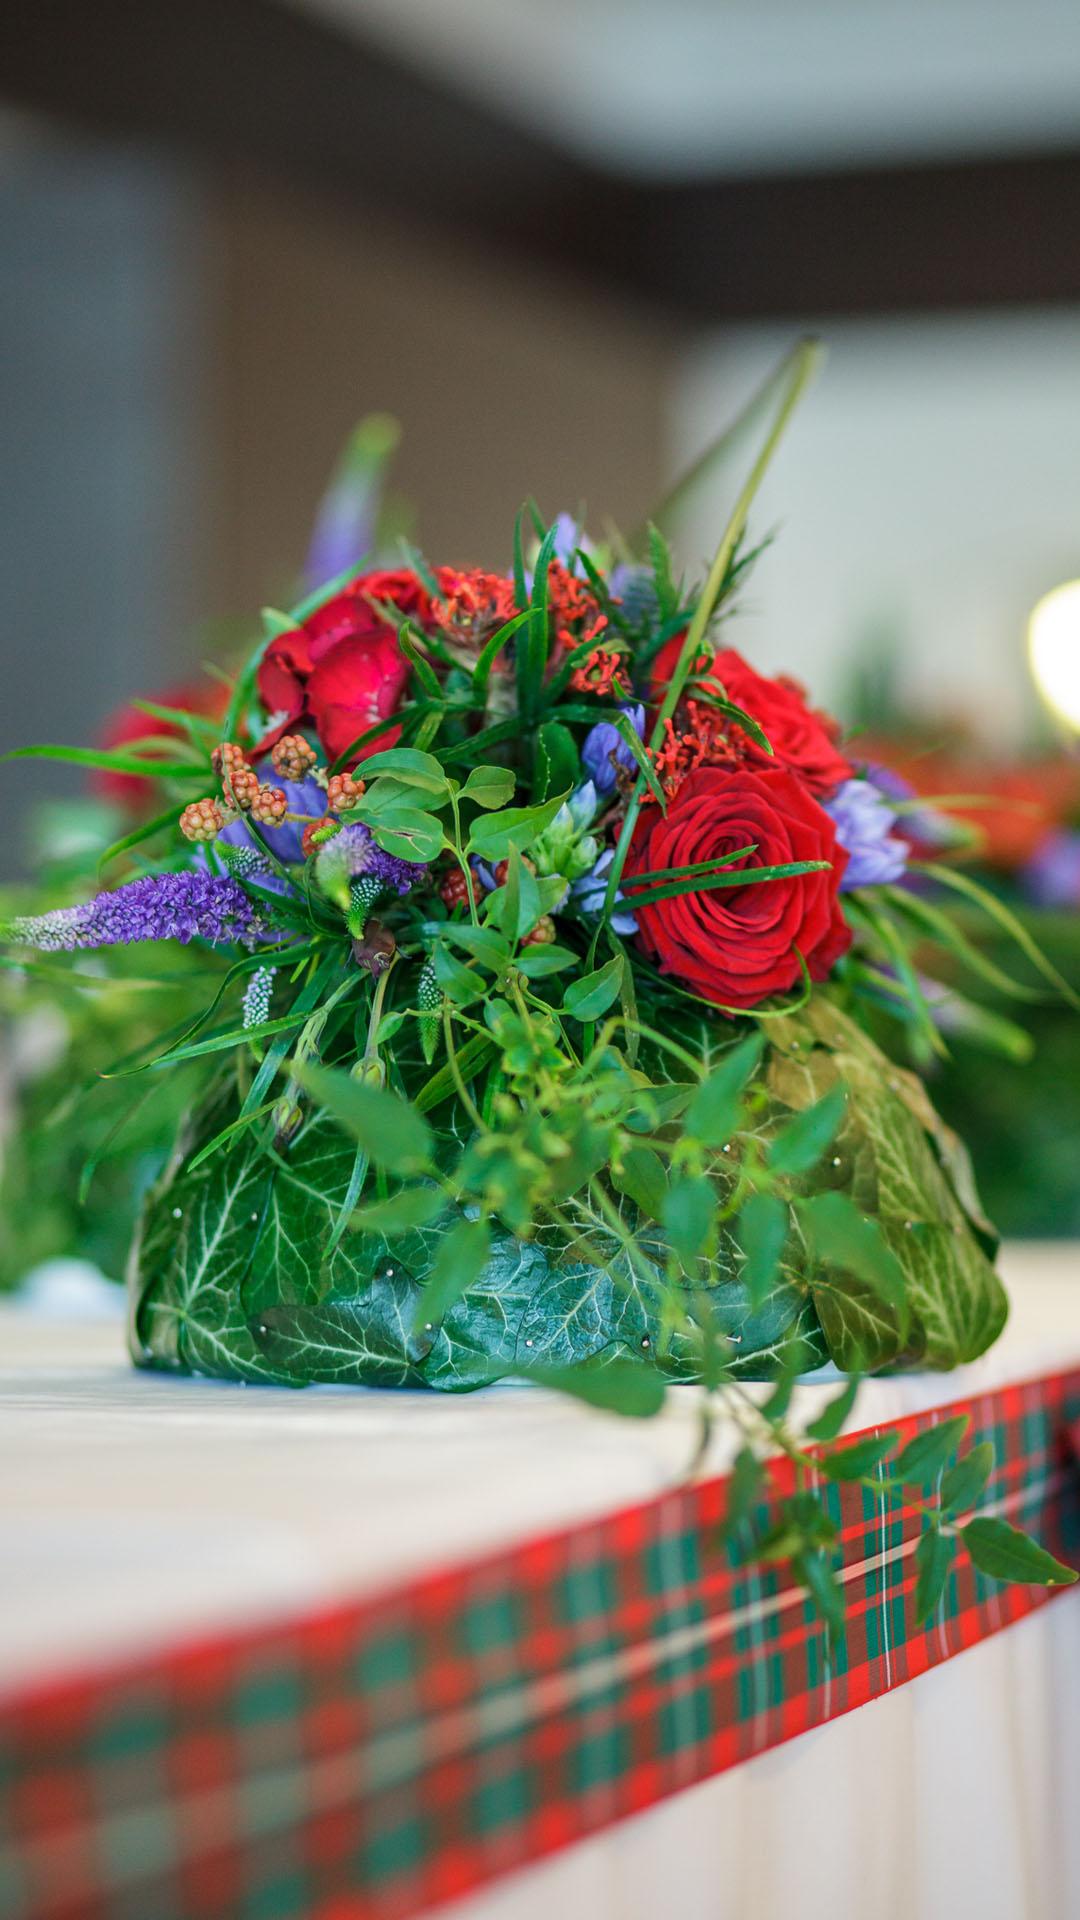 Аранжировка с рязан цвят и бръшлян за декорация на маса за младоженците